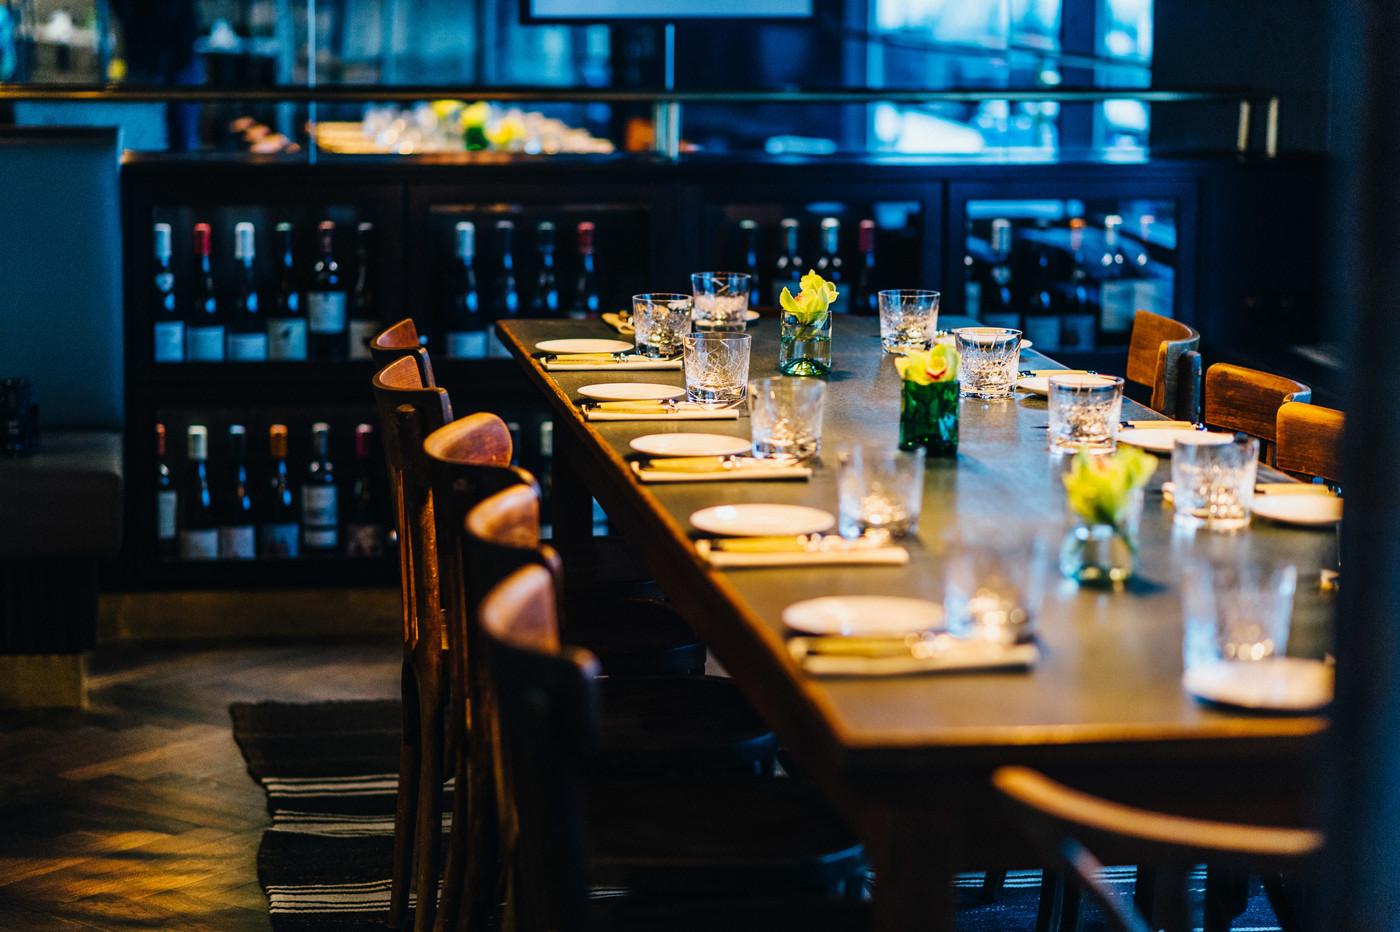 Eingedeckter Tisch im Restaurant Brasserie Colette